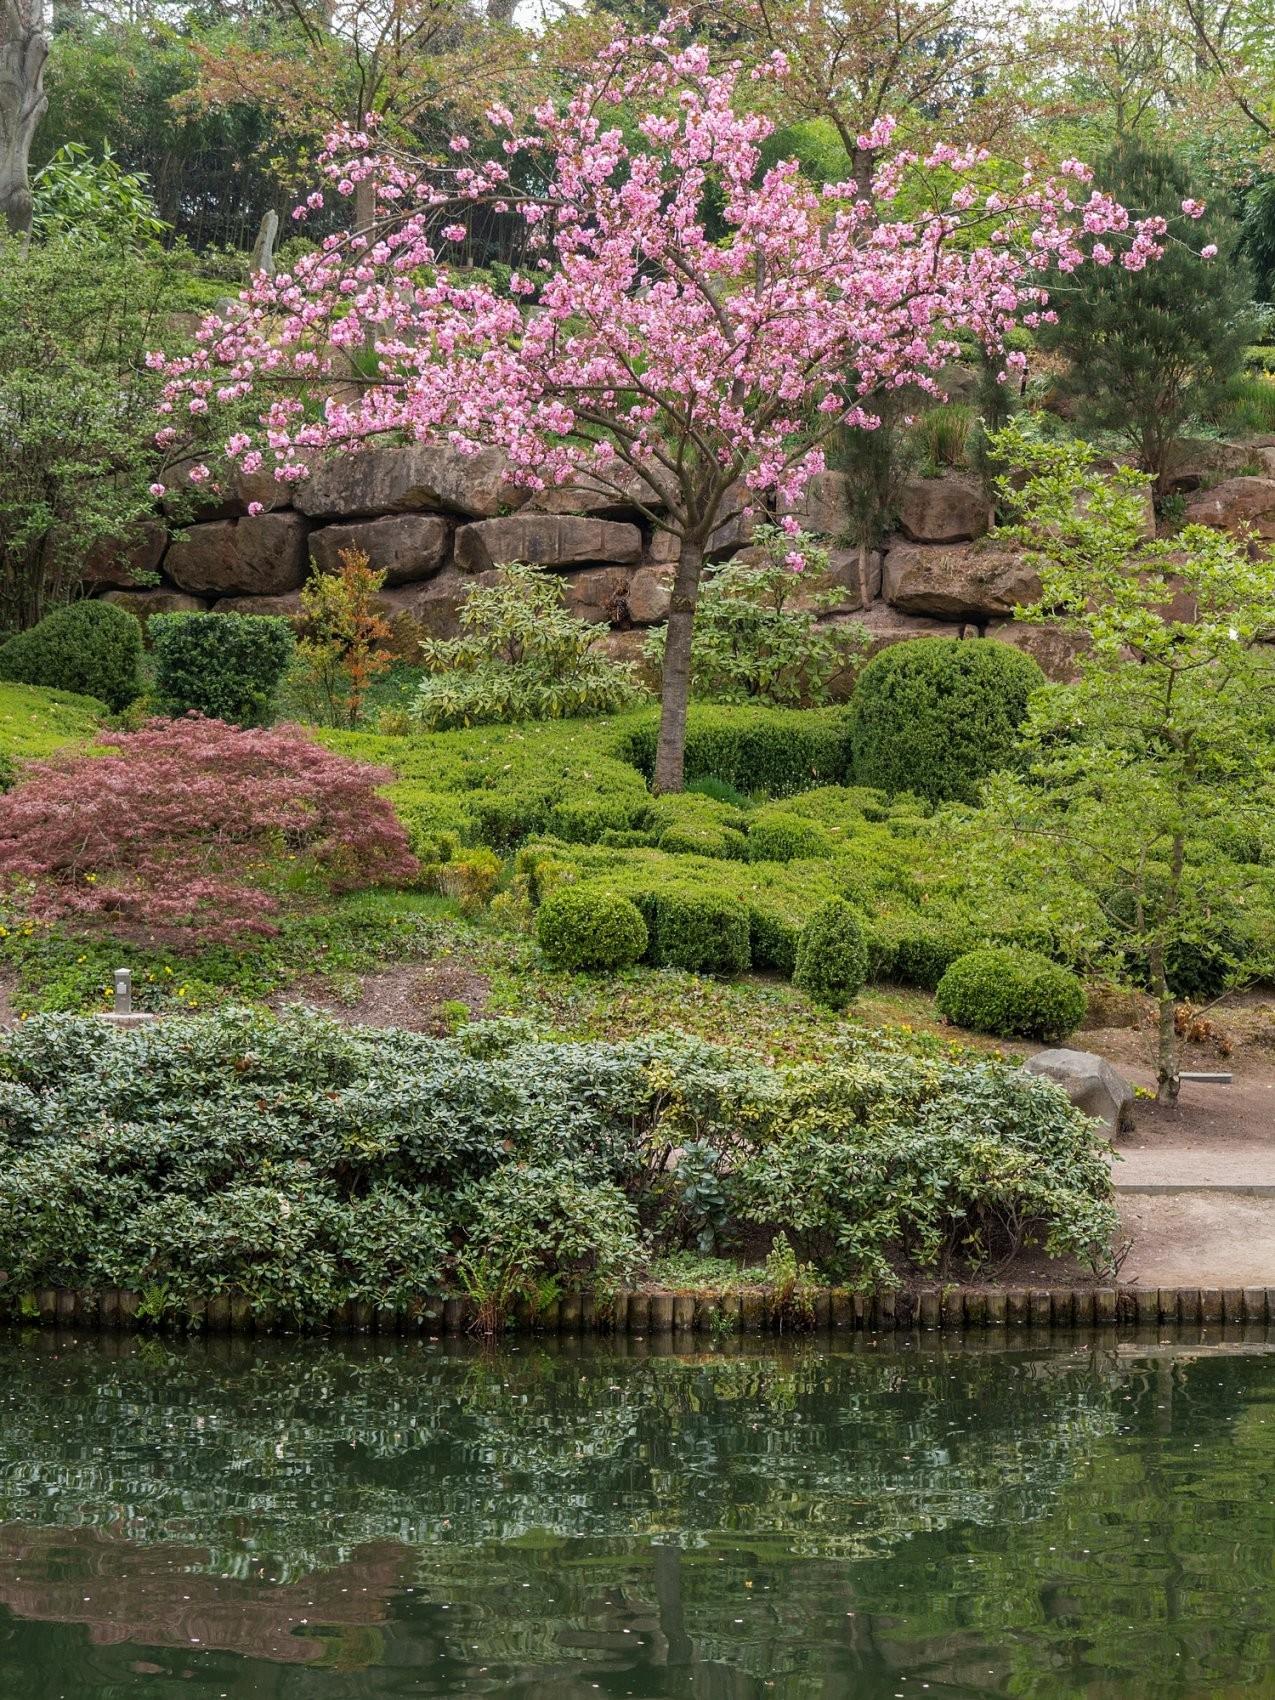 Dateibepflanzung Oberer Teich Japanischer Garten Kaiserslautern von Bepflanzung Japanischer Garten Photo